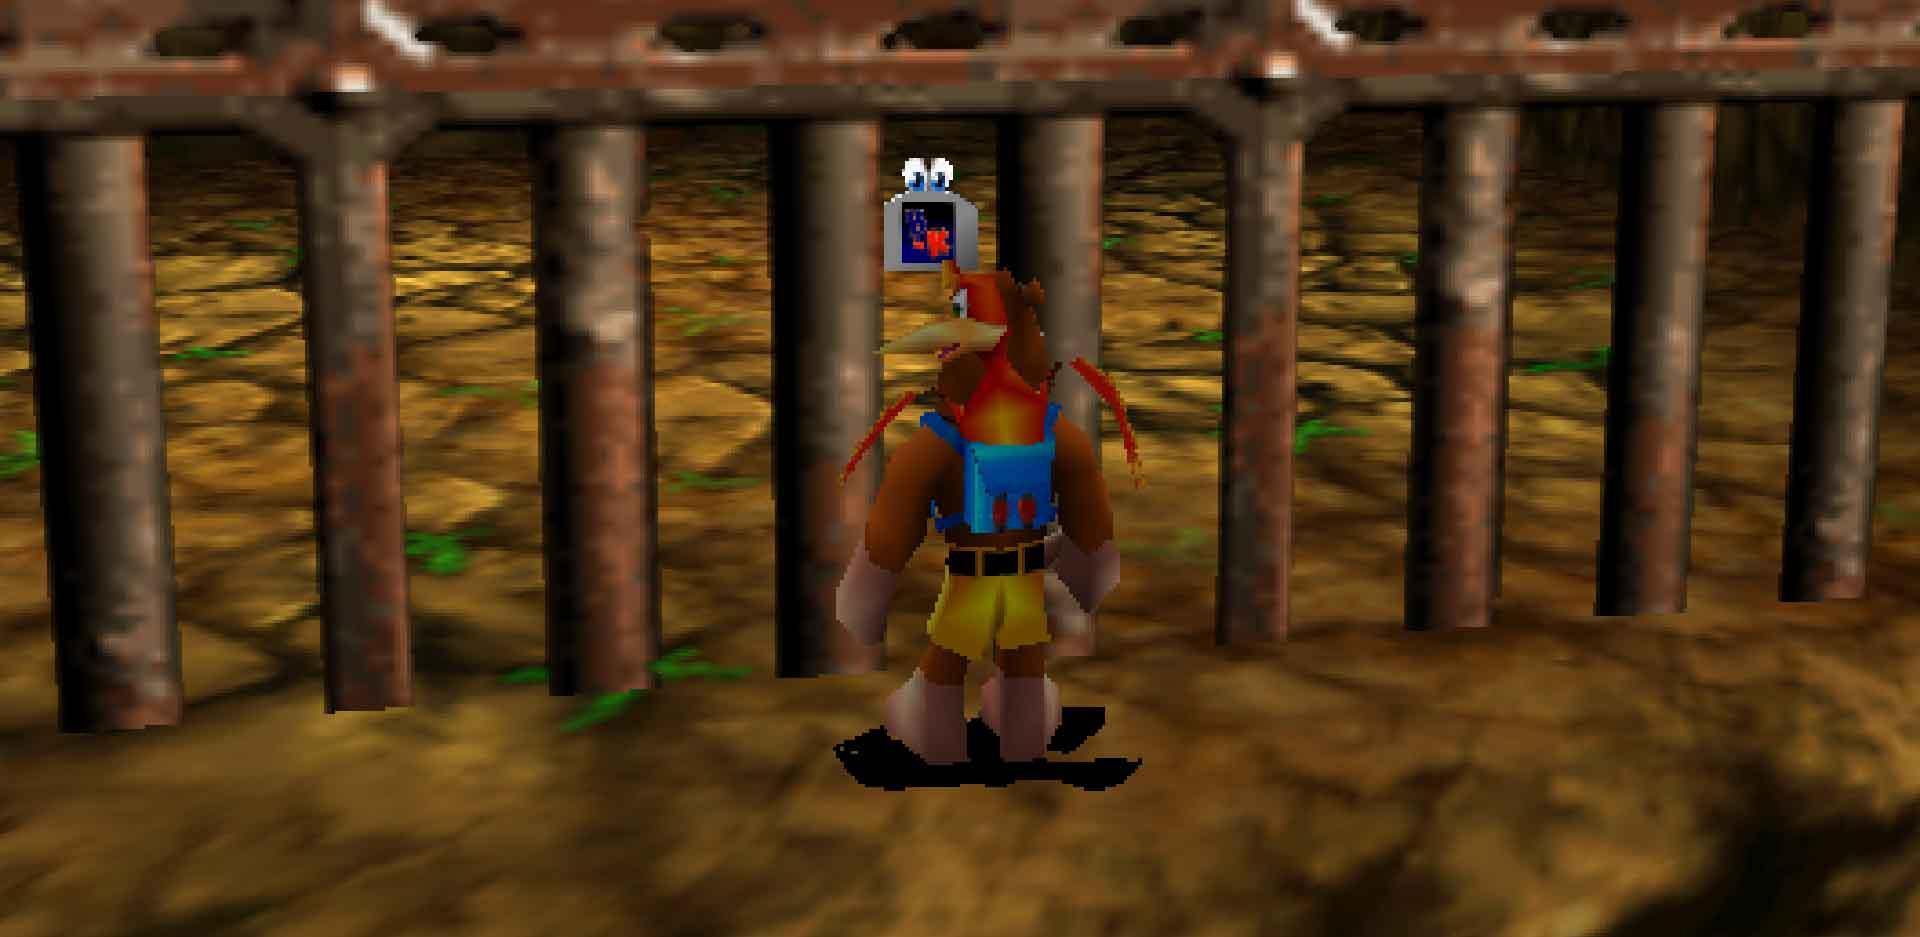 Banjo-Tooie on the N64.